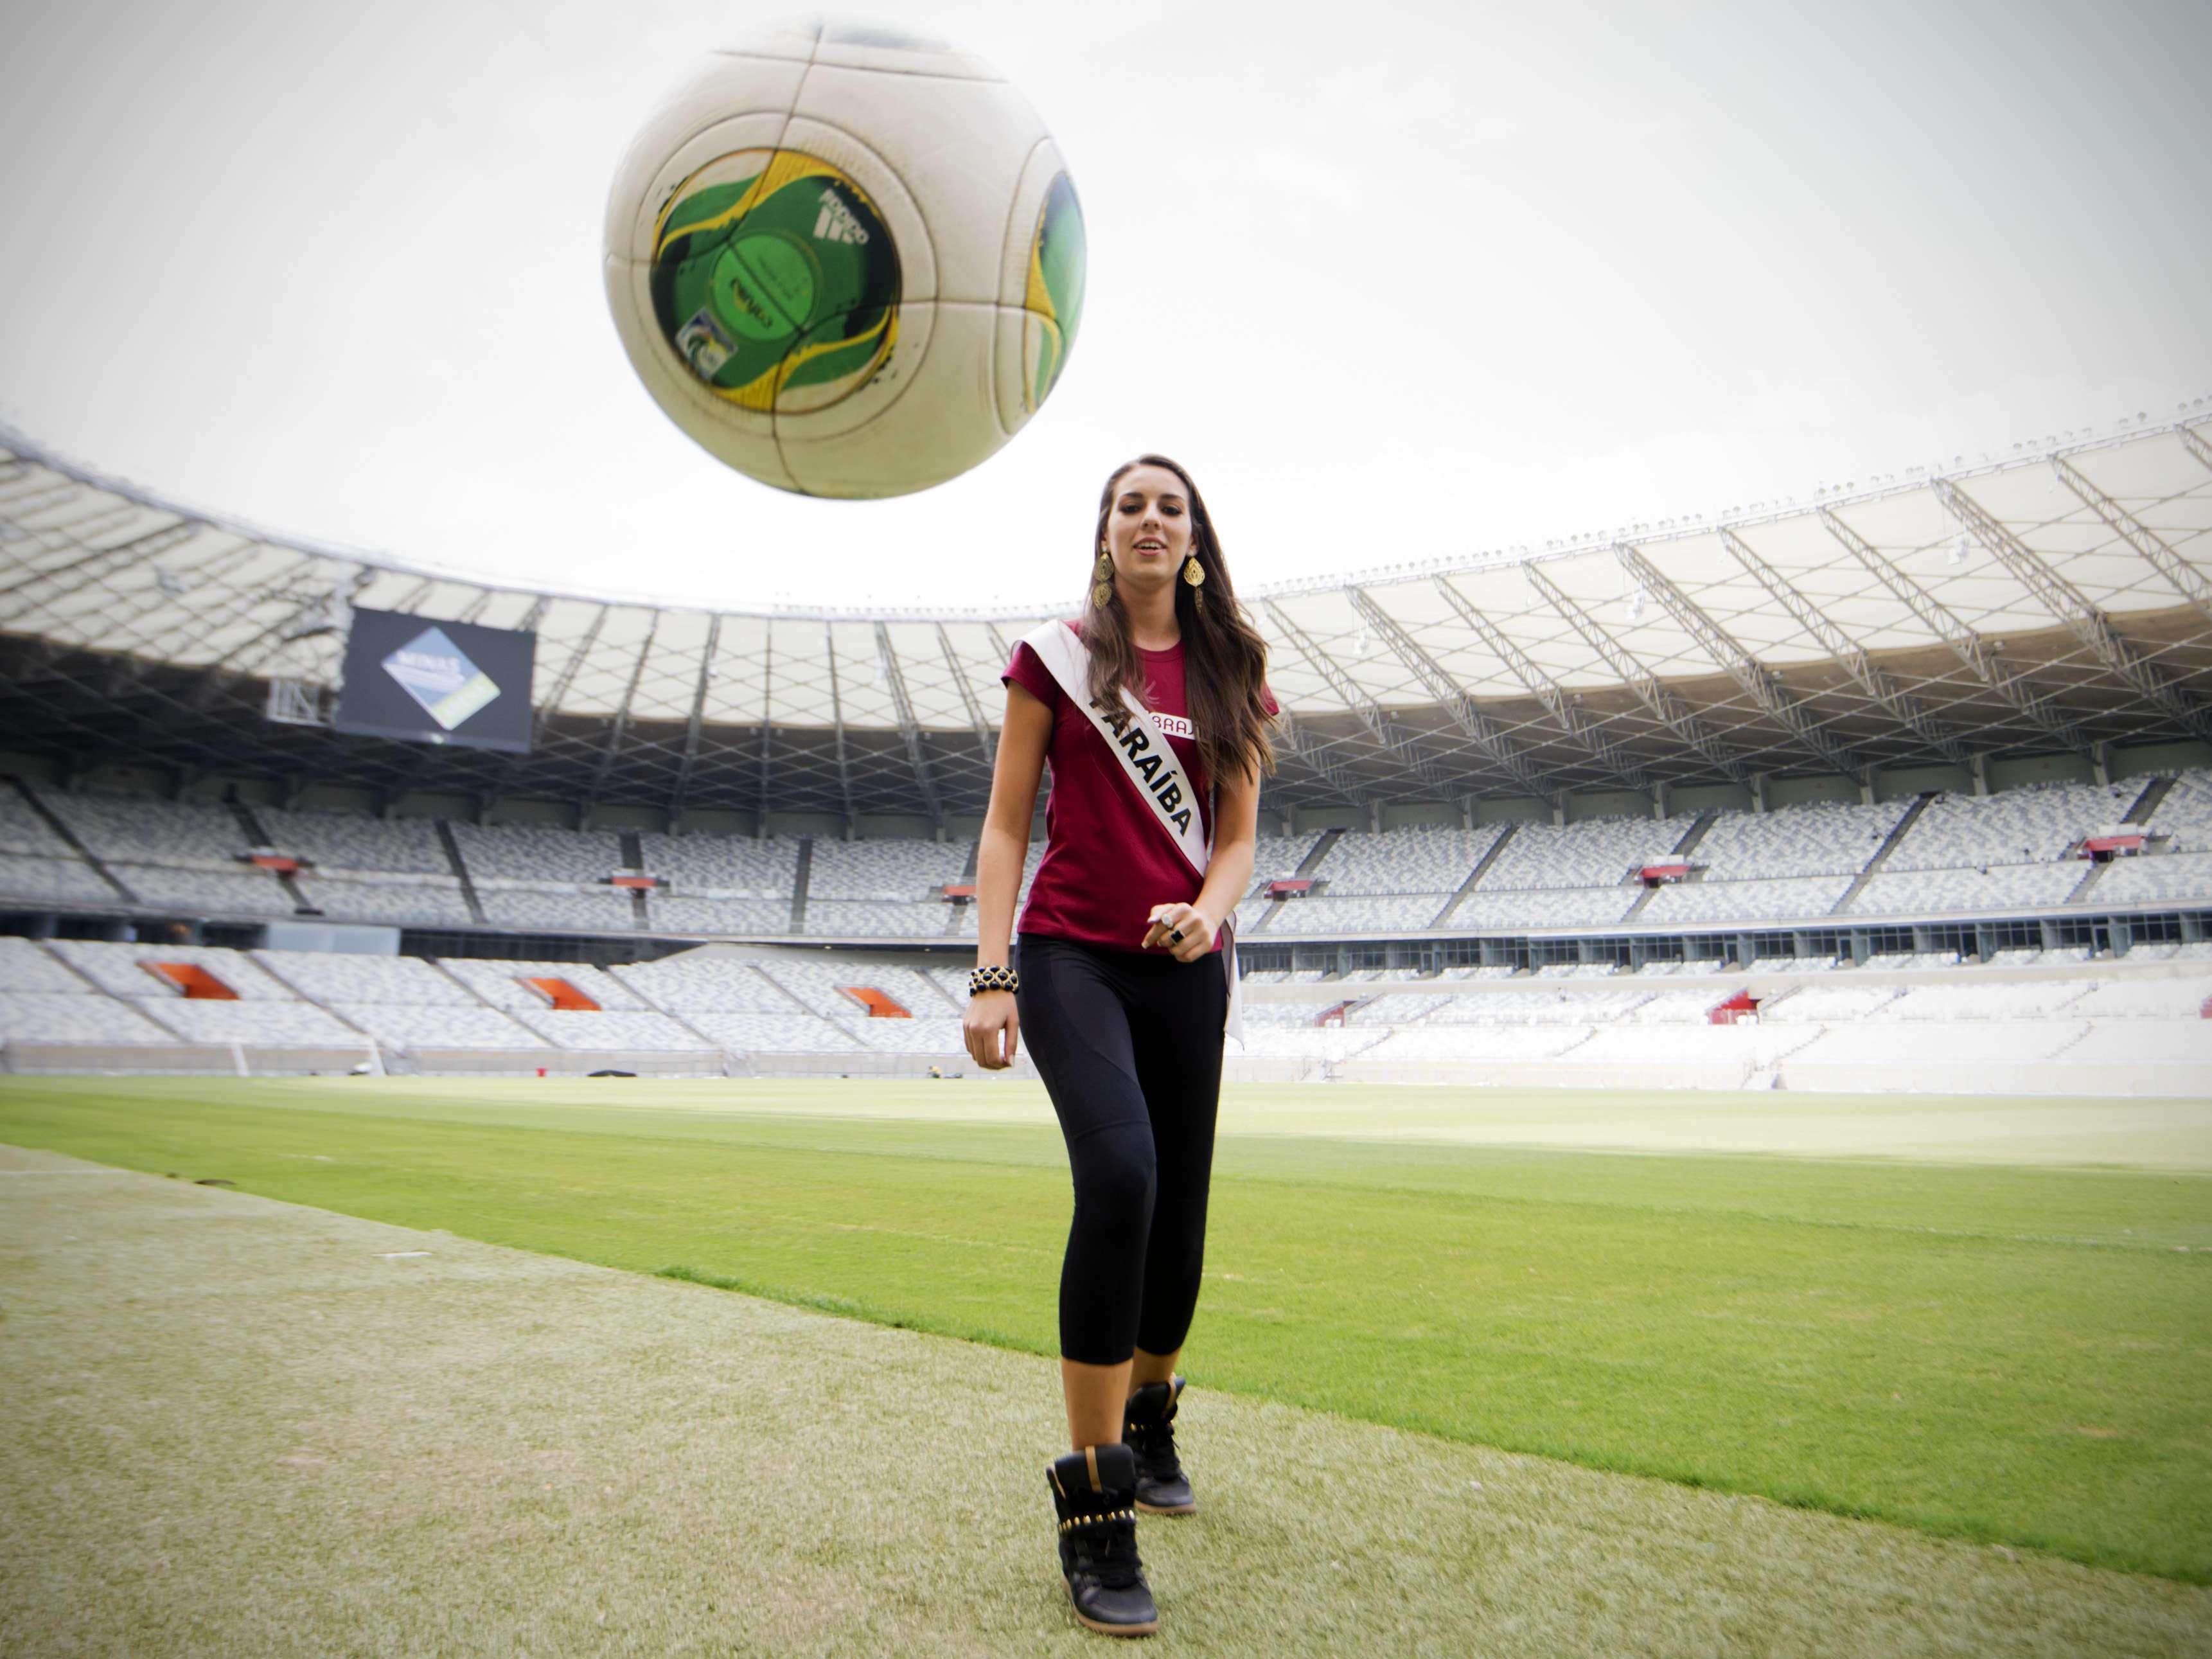 Em dia de estádio vazio, as 27 candidatas ao Miss Brasil 2013 visitaram o Mineirão, em Belo Horizonte, onde brincaram de bobinho e de embaixadinhas Foto: Bruno Santos/Terra